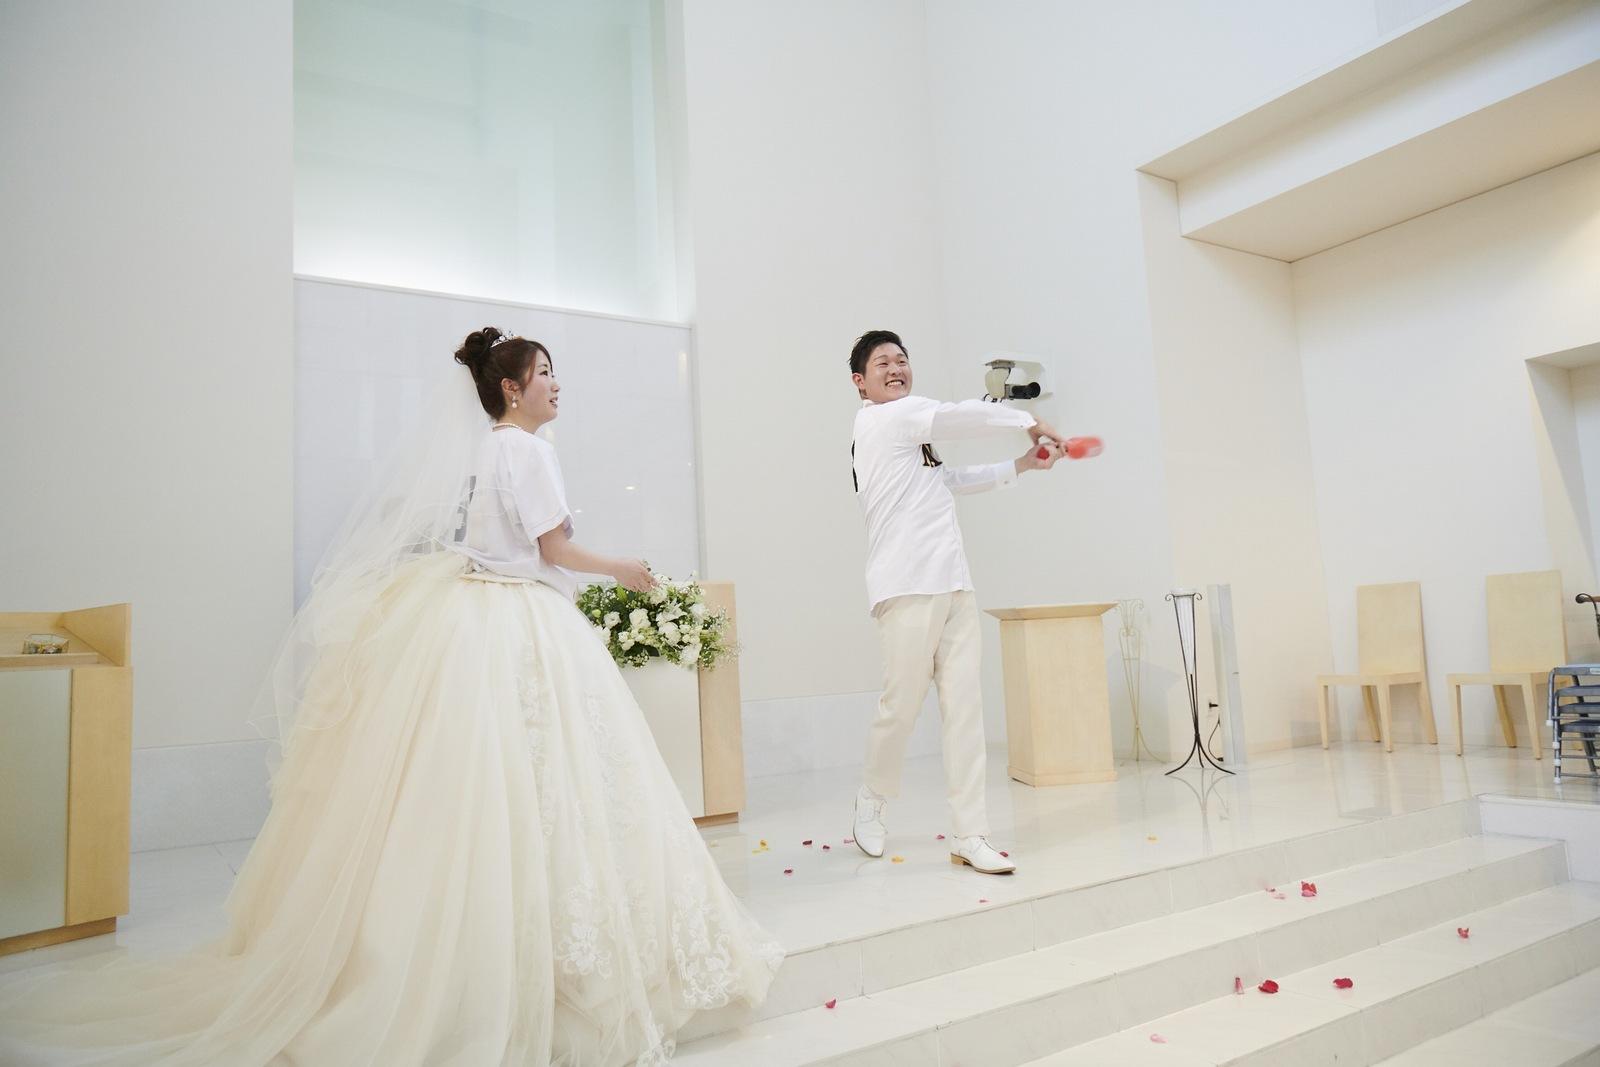 徳島市の結婚式場ブランアンジュで野球のノックをする新郎様